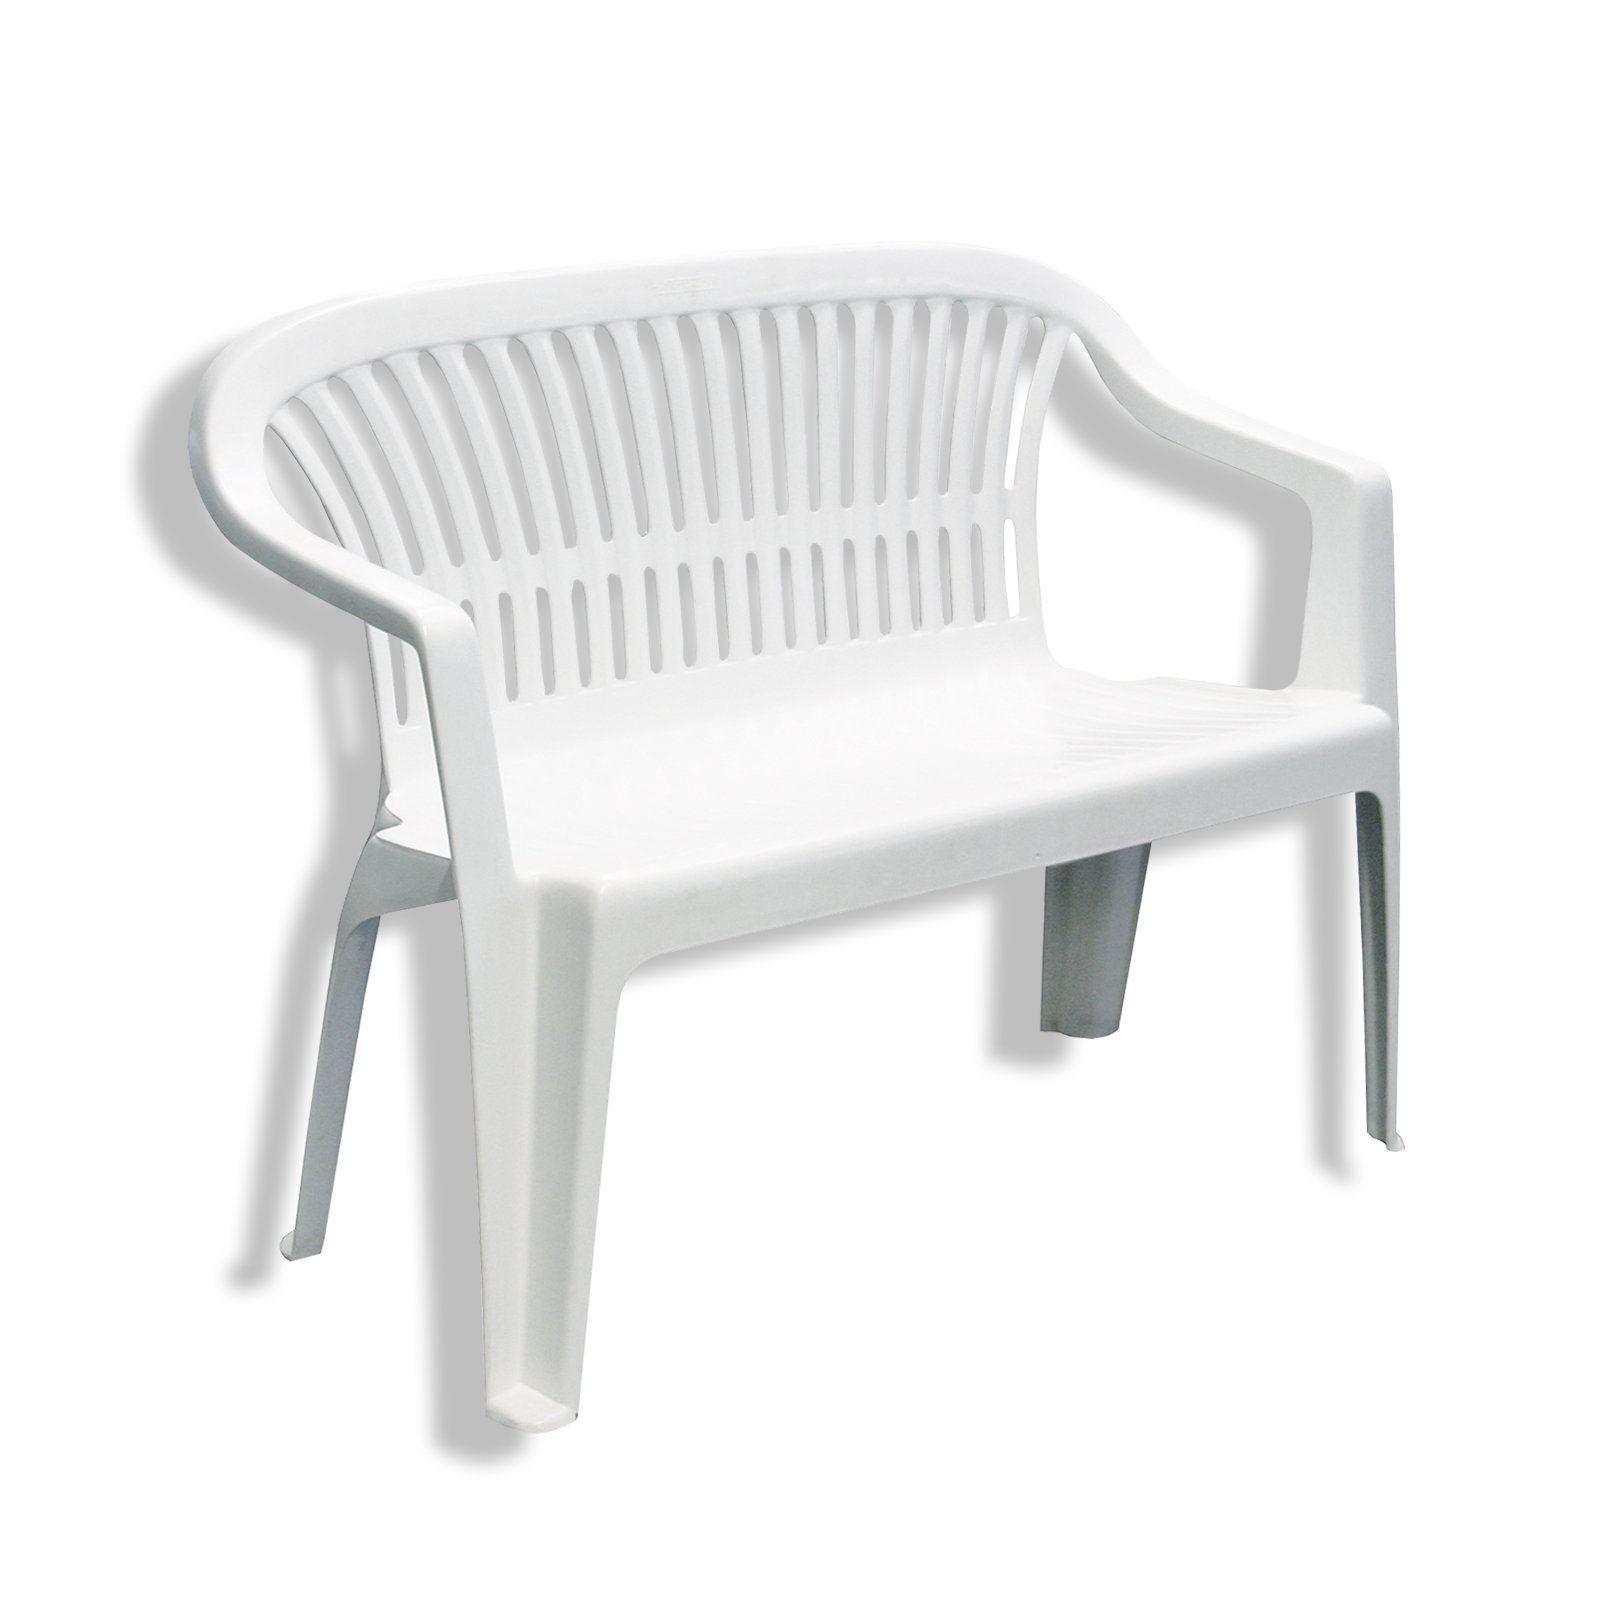 Gartenbank Kunststoff Ebay | Kunststoff Gartenbank | Pinterest ...